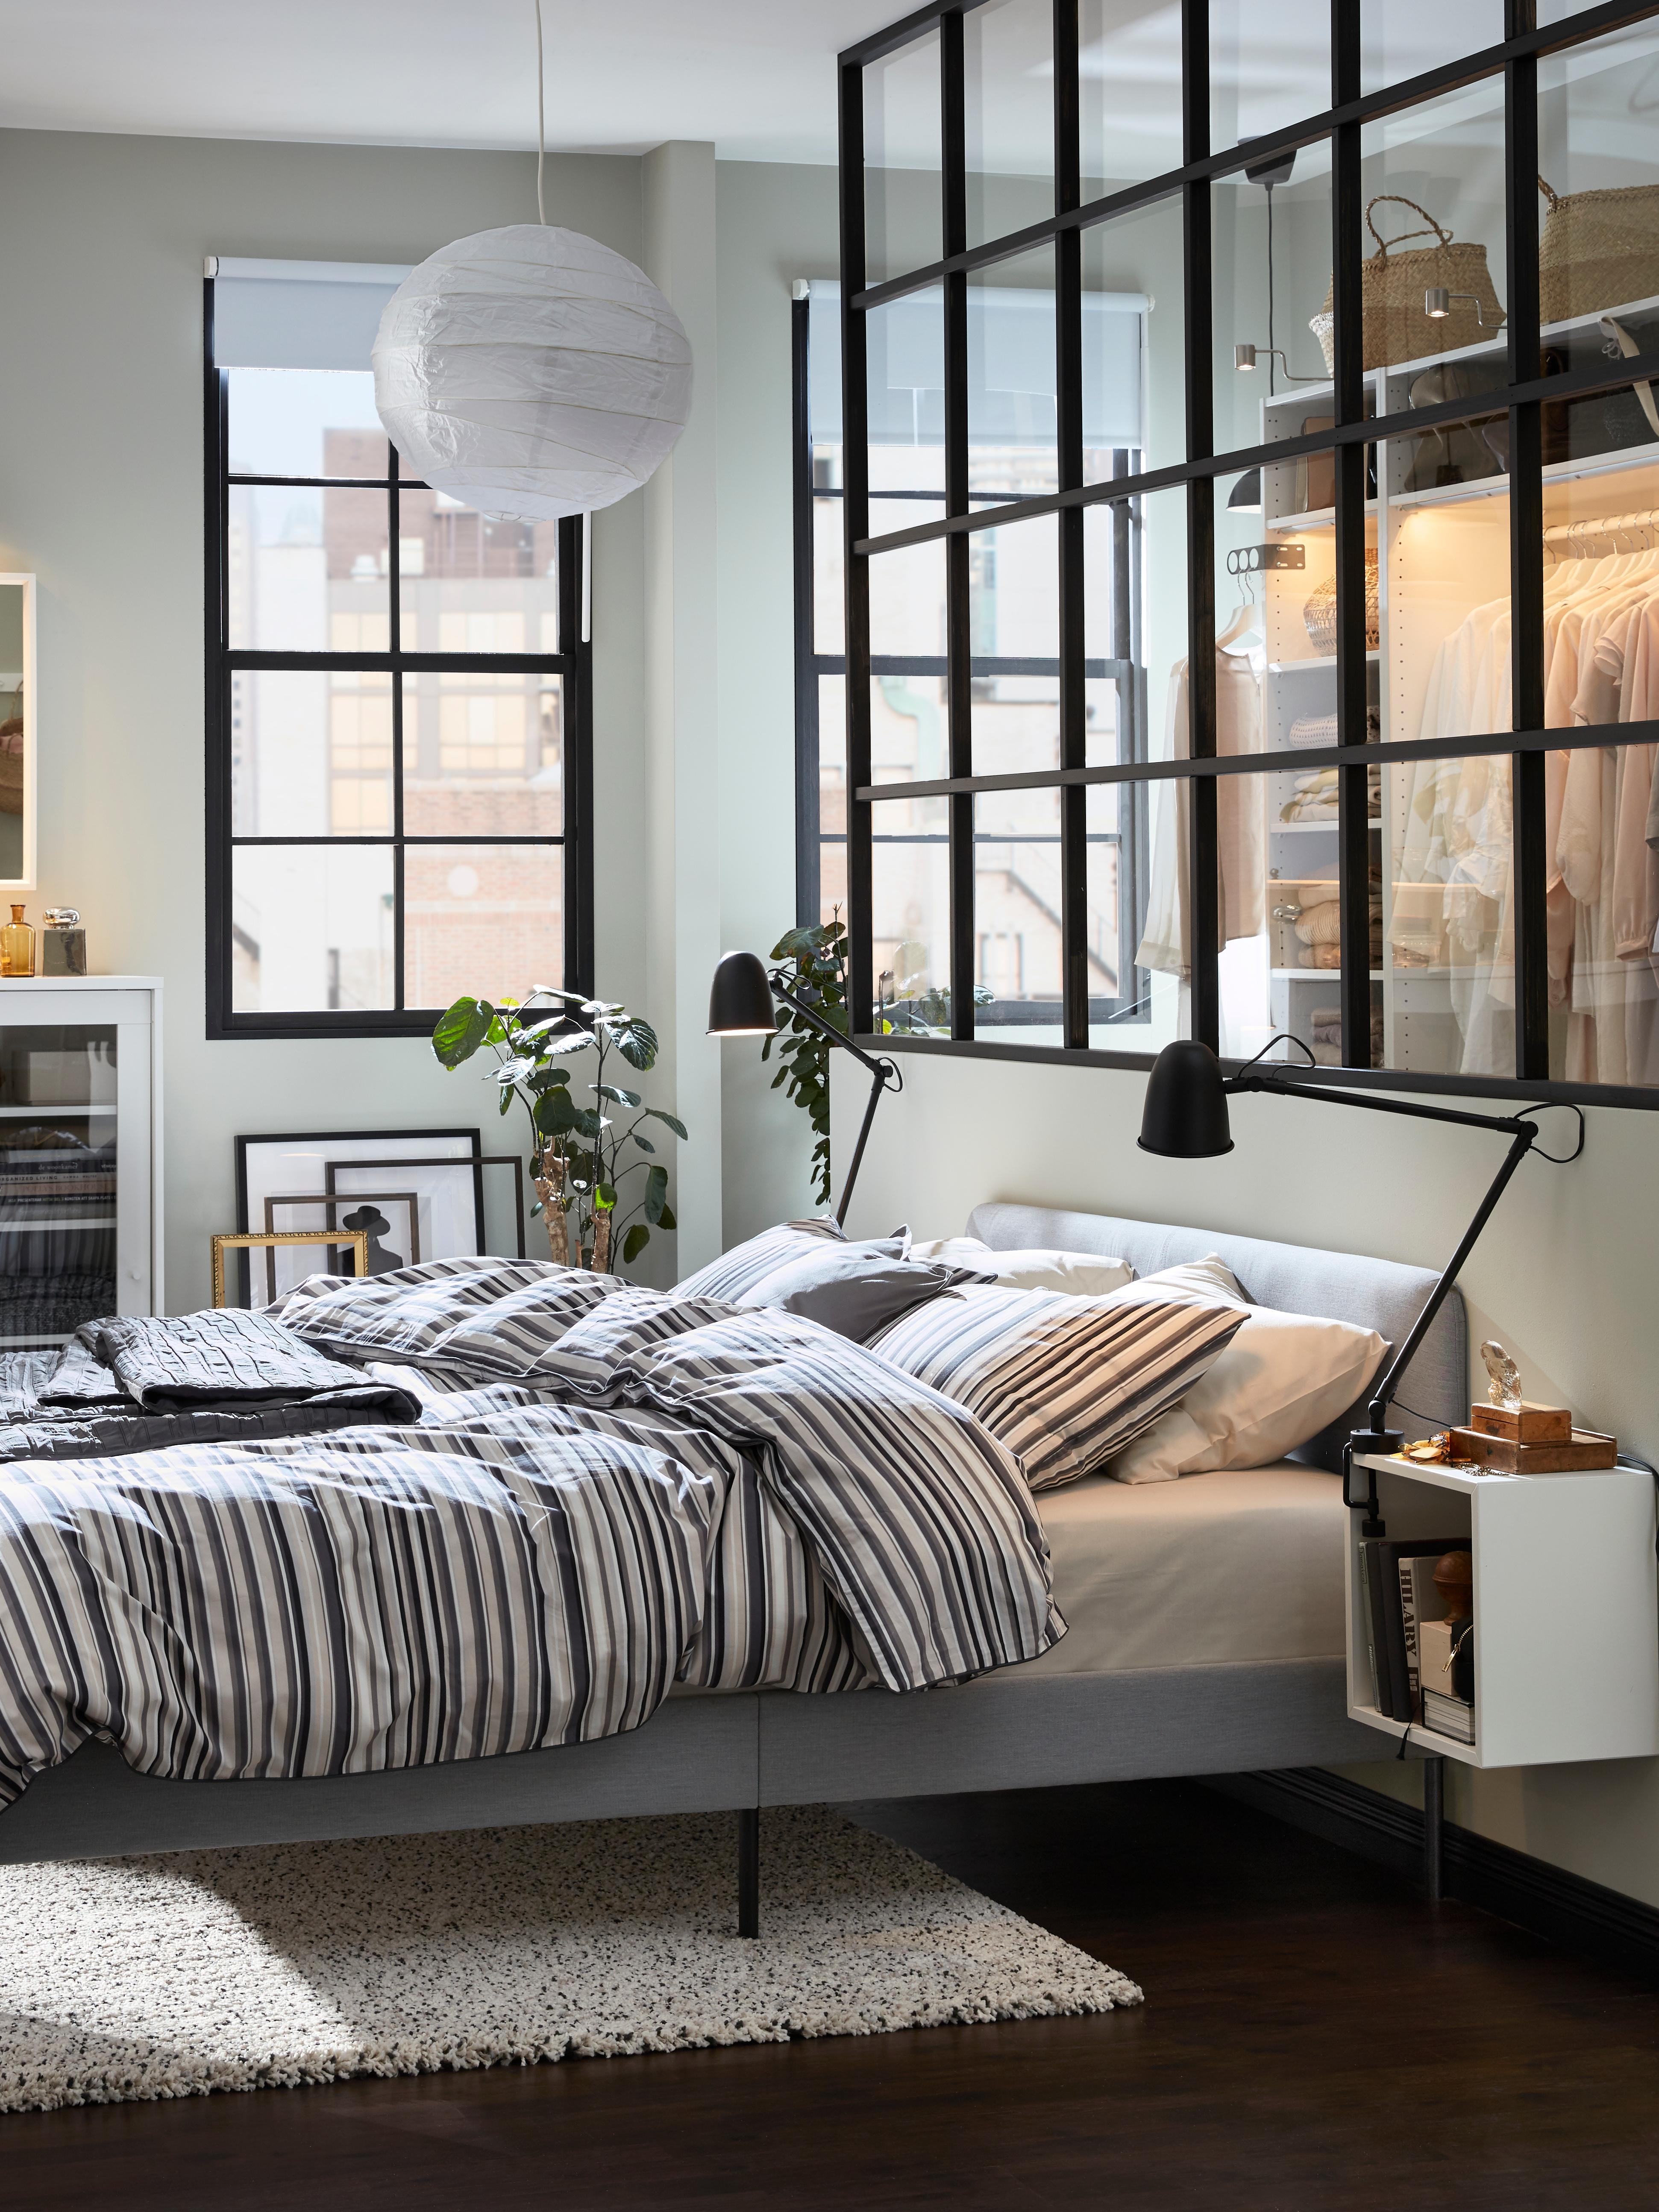 Camera da letto moderna simile a un loft, con struttura letto imbottita SLATTUM grigia, tappeto grigio e lampade nere su mobili a giorno a forma di cubo accanto al letto.